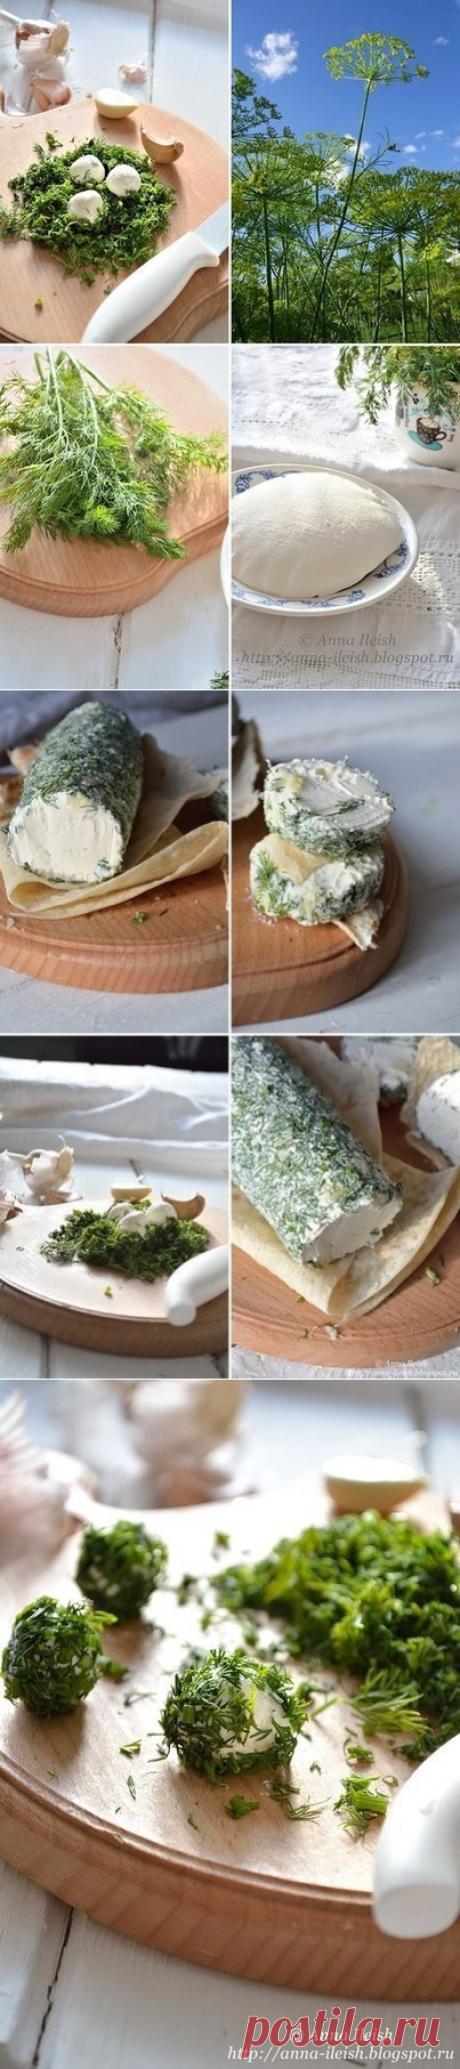 Нежный домашний сыр из сметаны и кефира